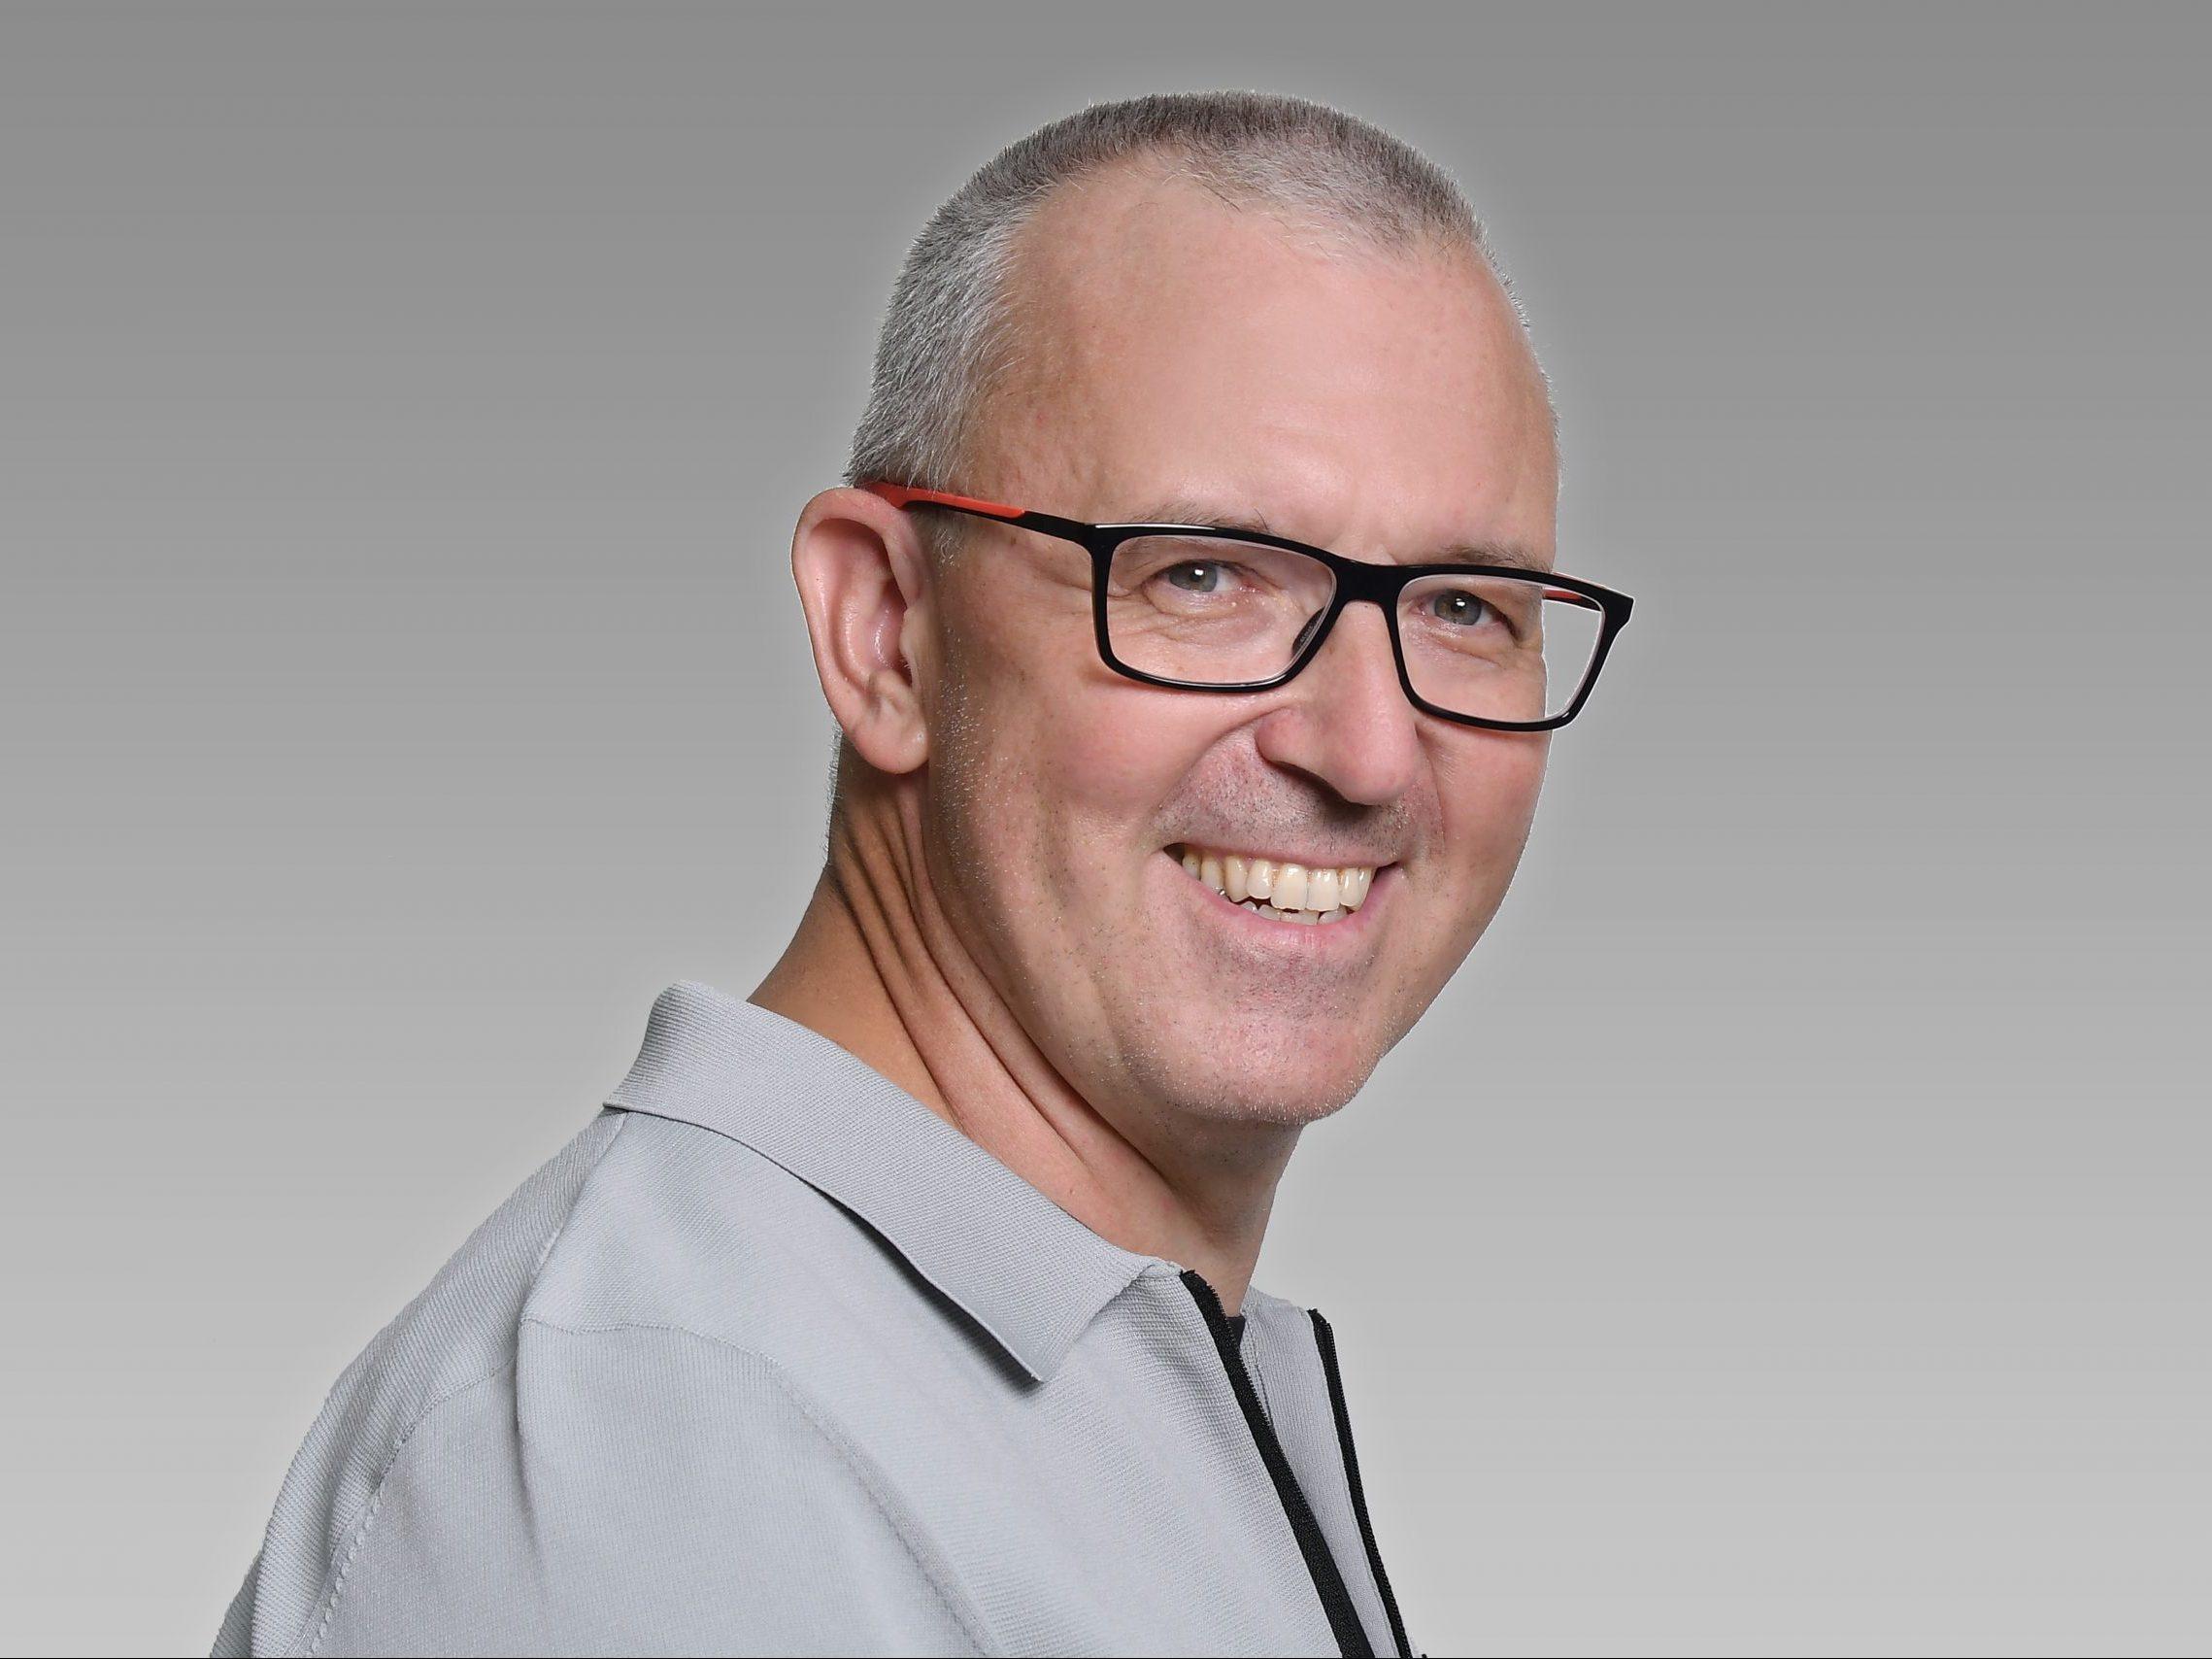 Kandidat Uwe Tanneberger